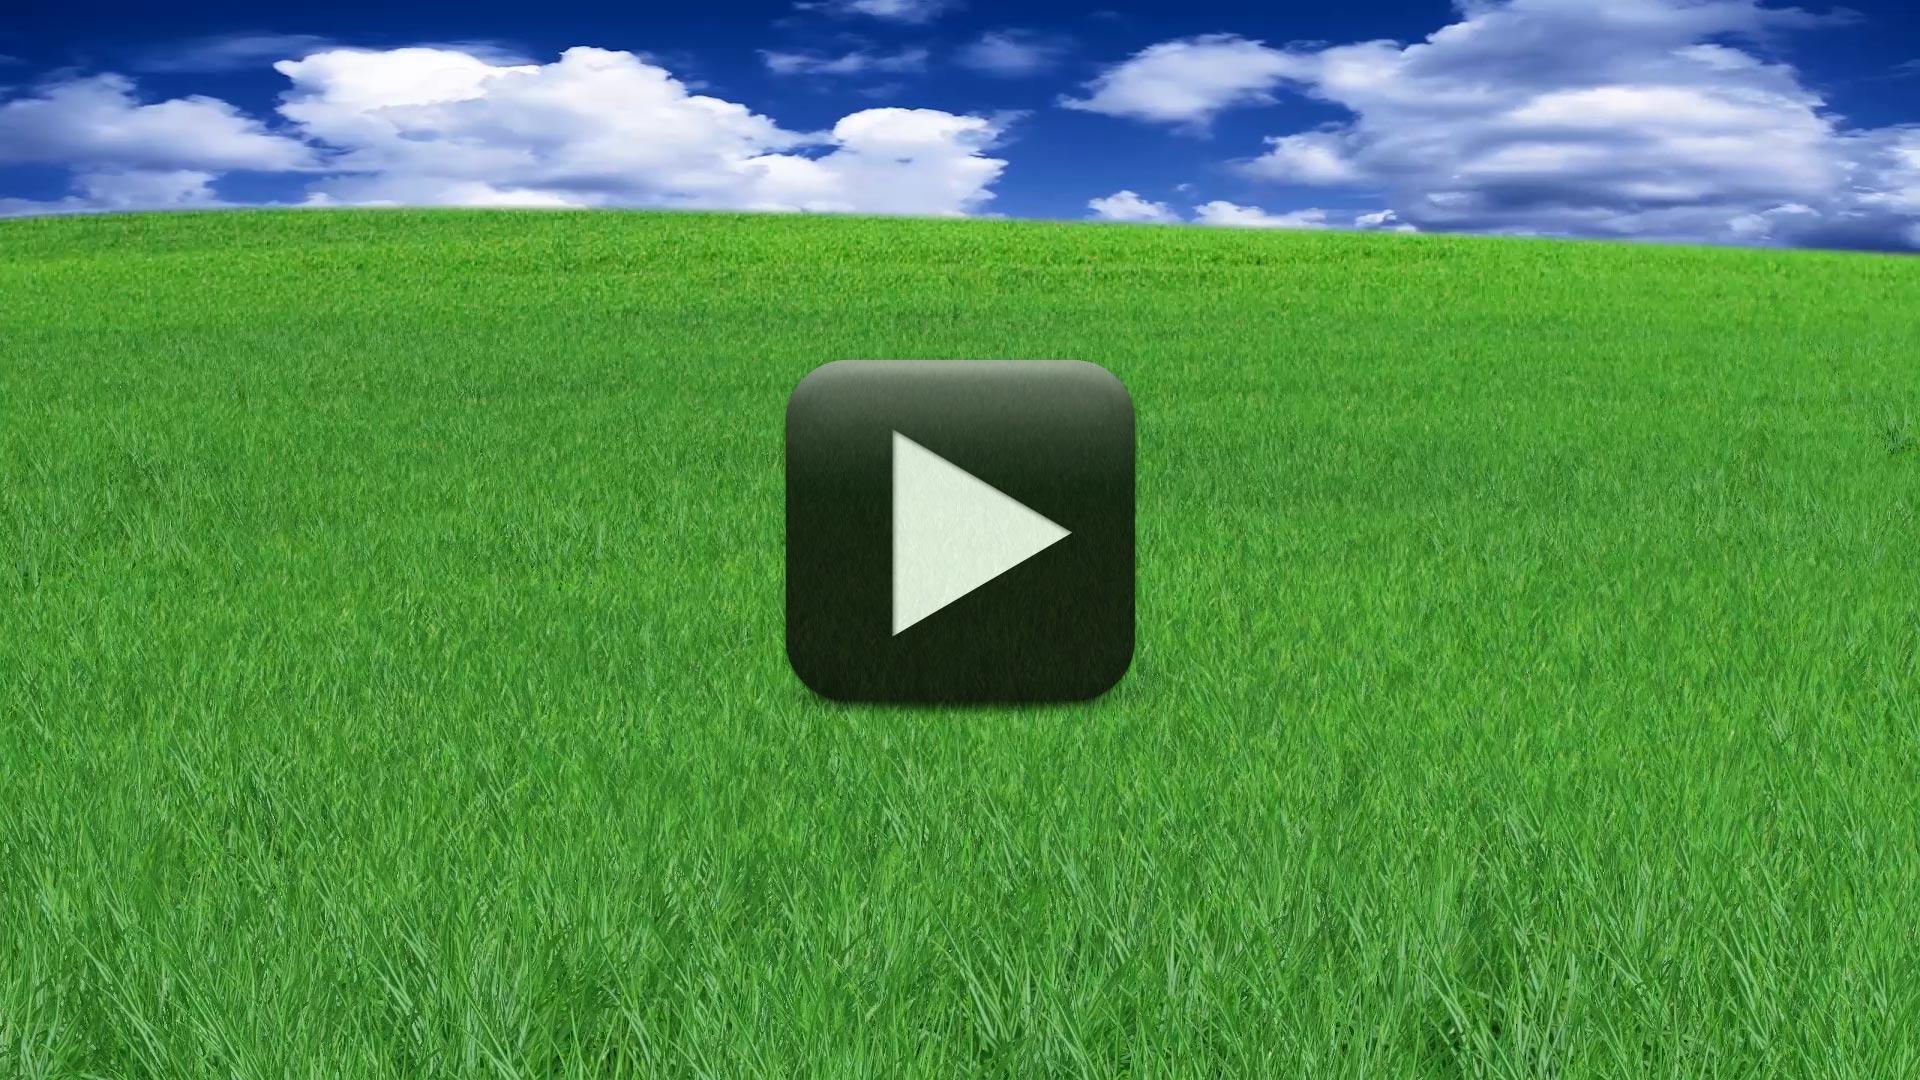 Beautiful Nature Grass Animation Background